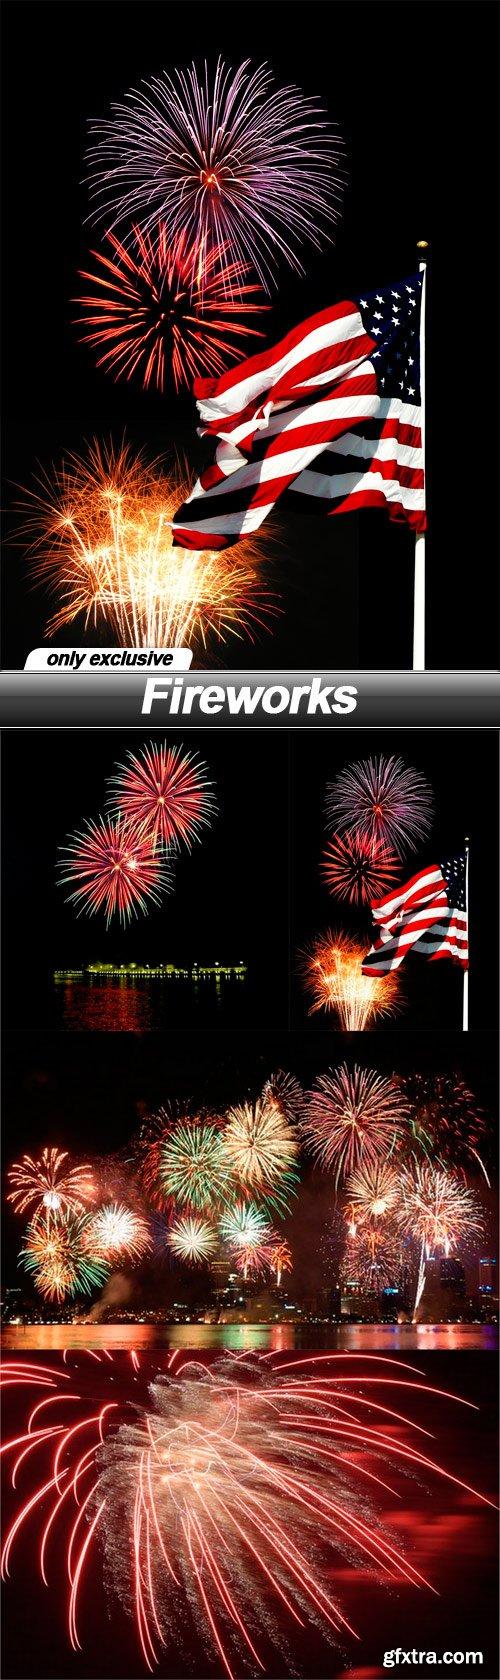 Fireworks - 5 UHQ JPEG